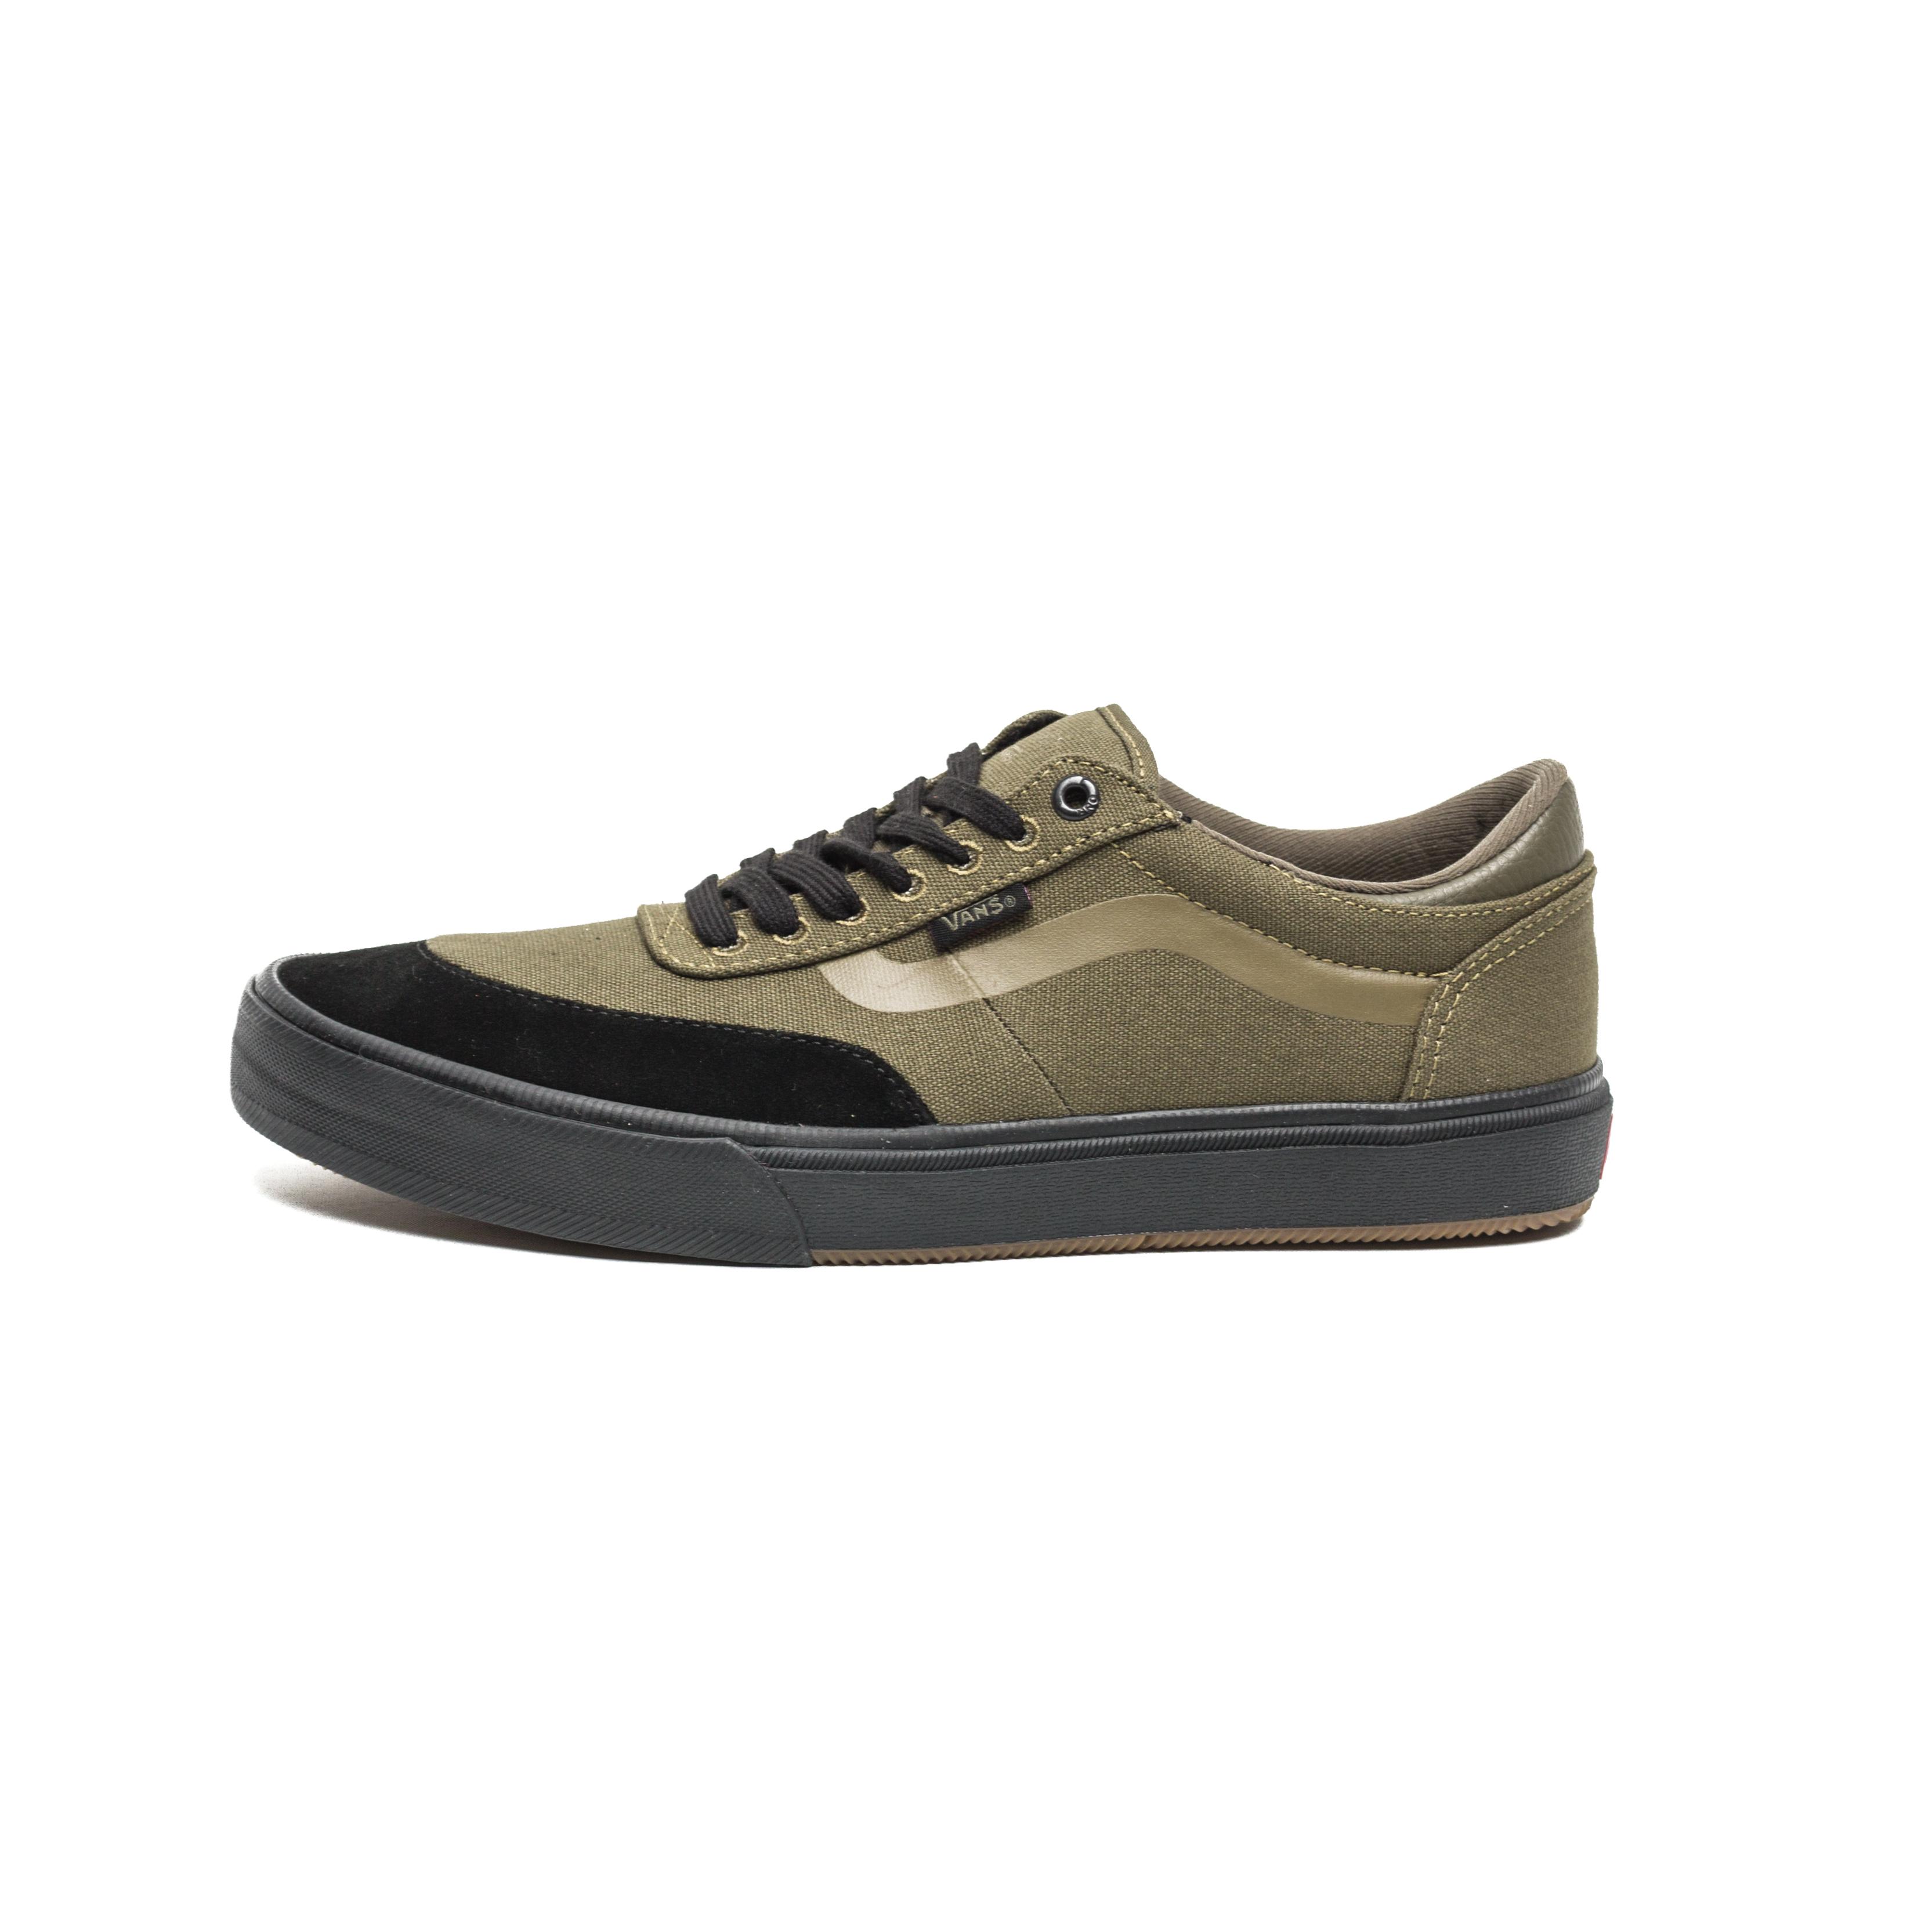 a565f348afe2 Vans Crockett Pro 2 - Weartested - detailed skate shoe reviews